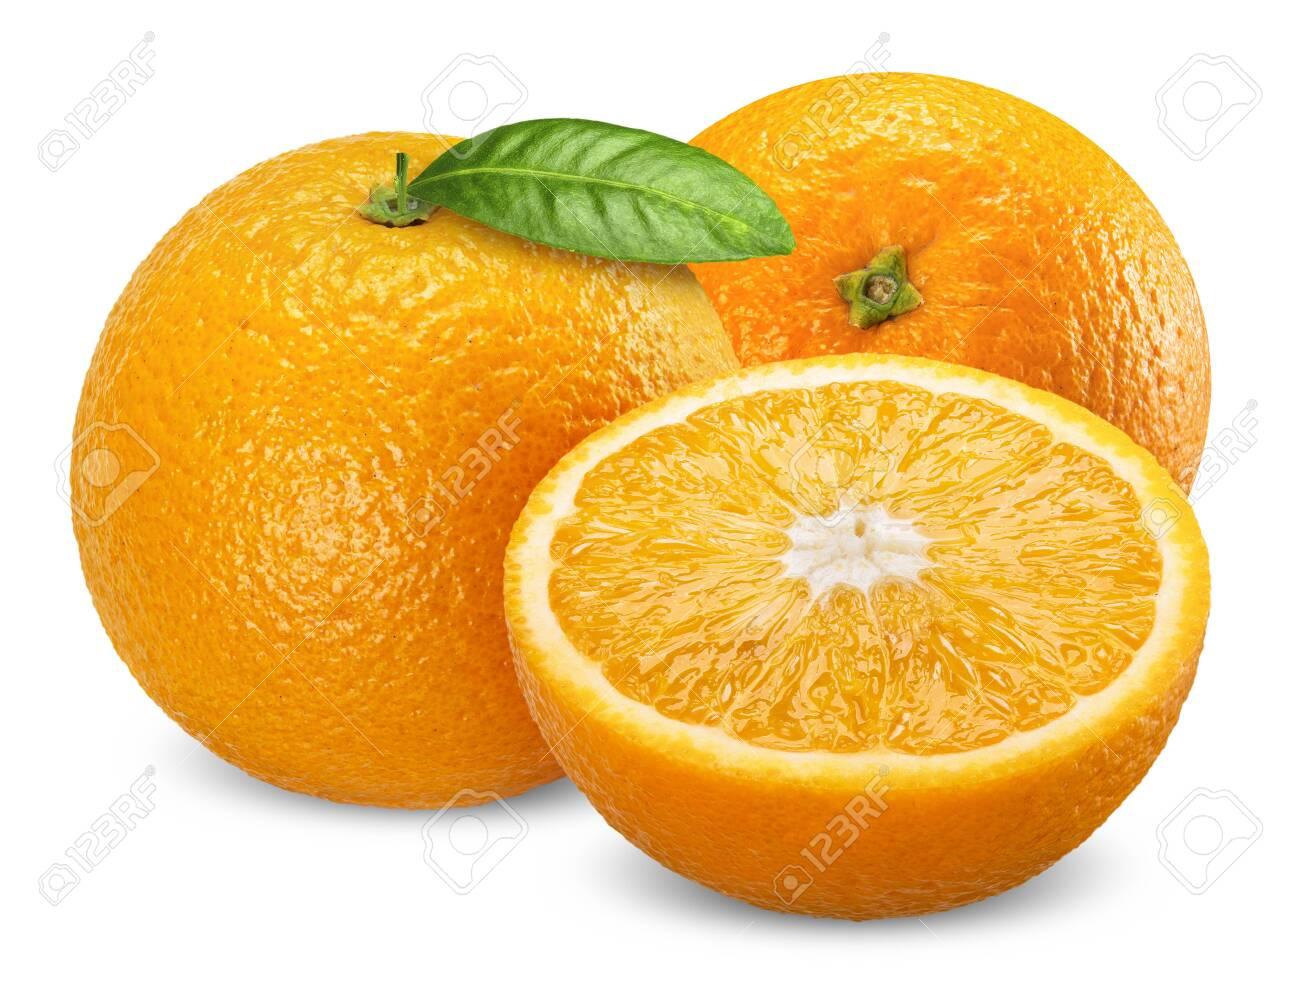 orange fruit isolated on white, orange clipping path - 142778733